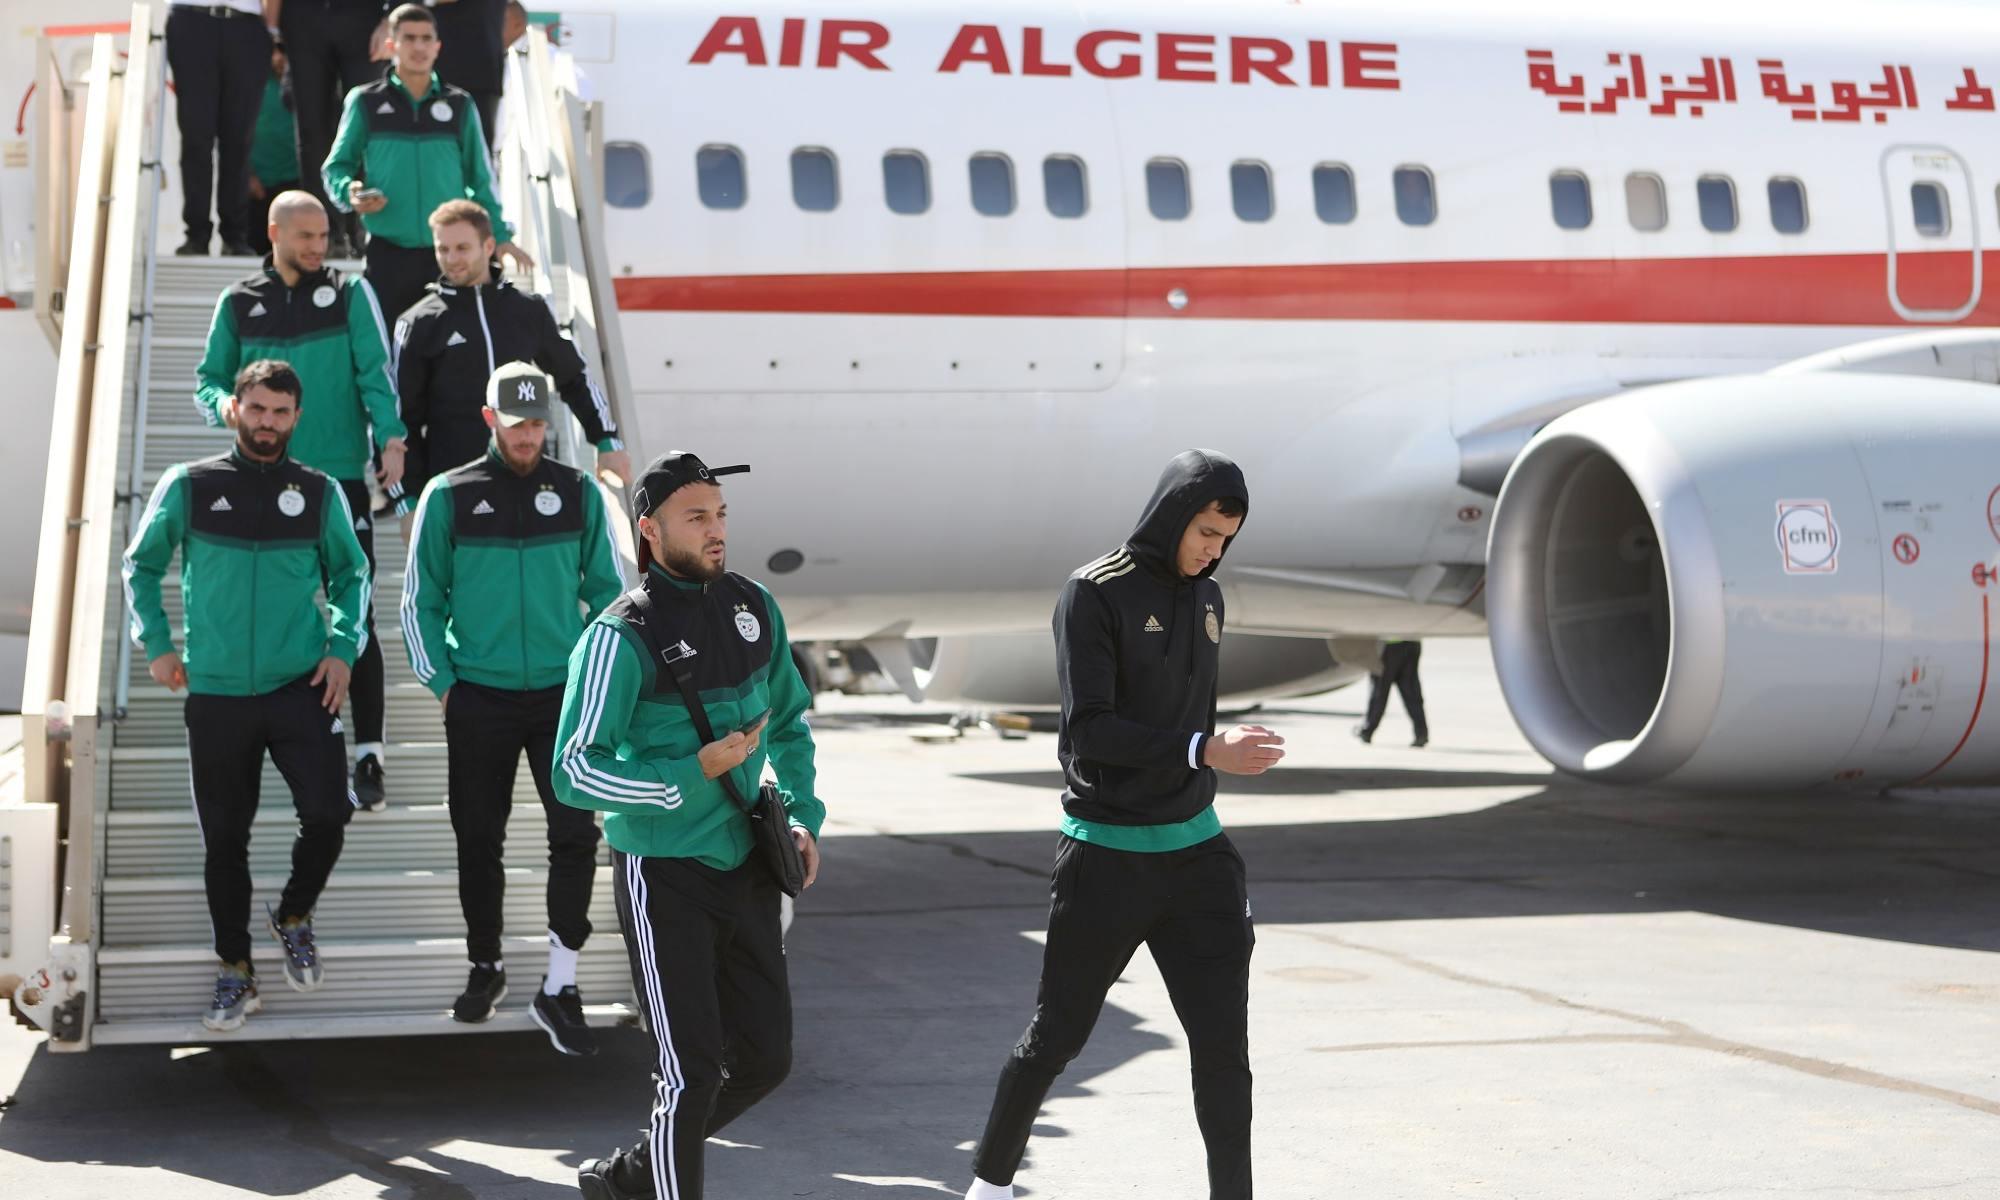 belkebla descente avion air algerie arrivee voyage en aeroport